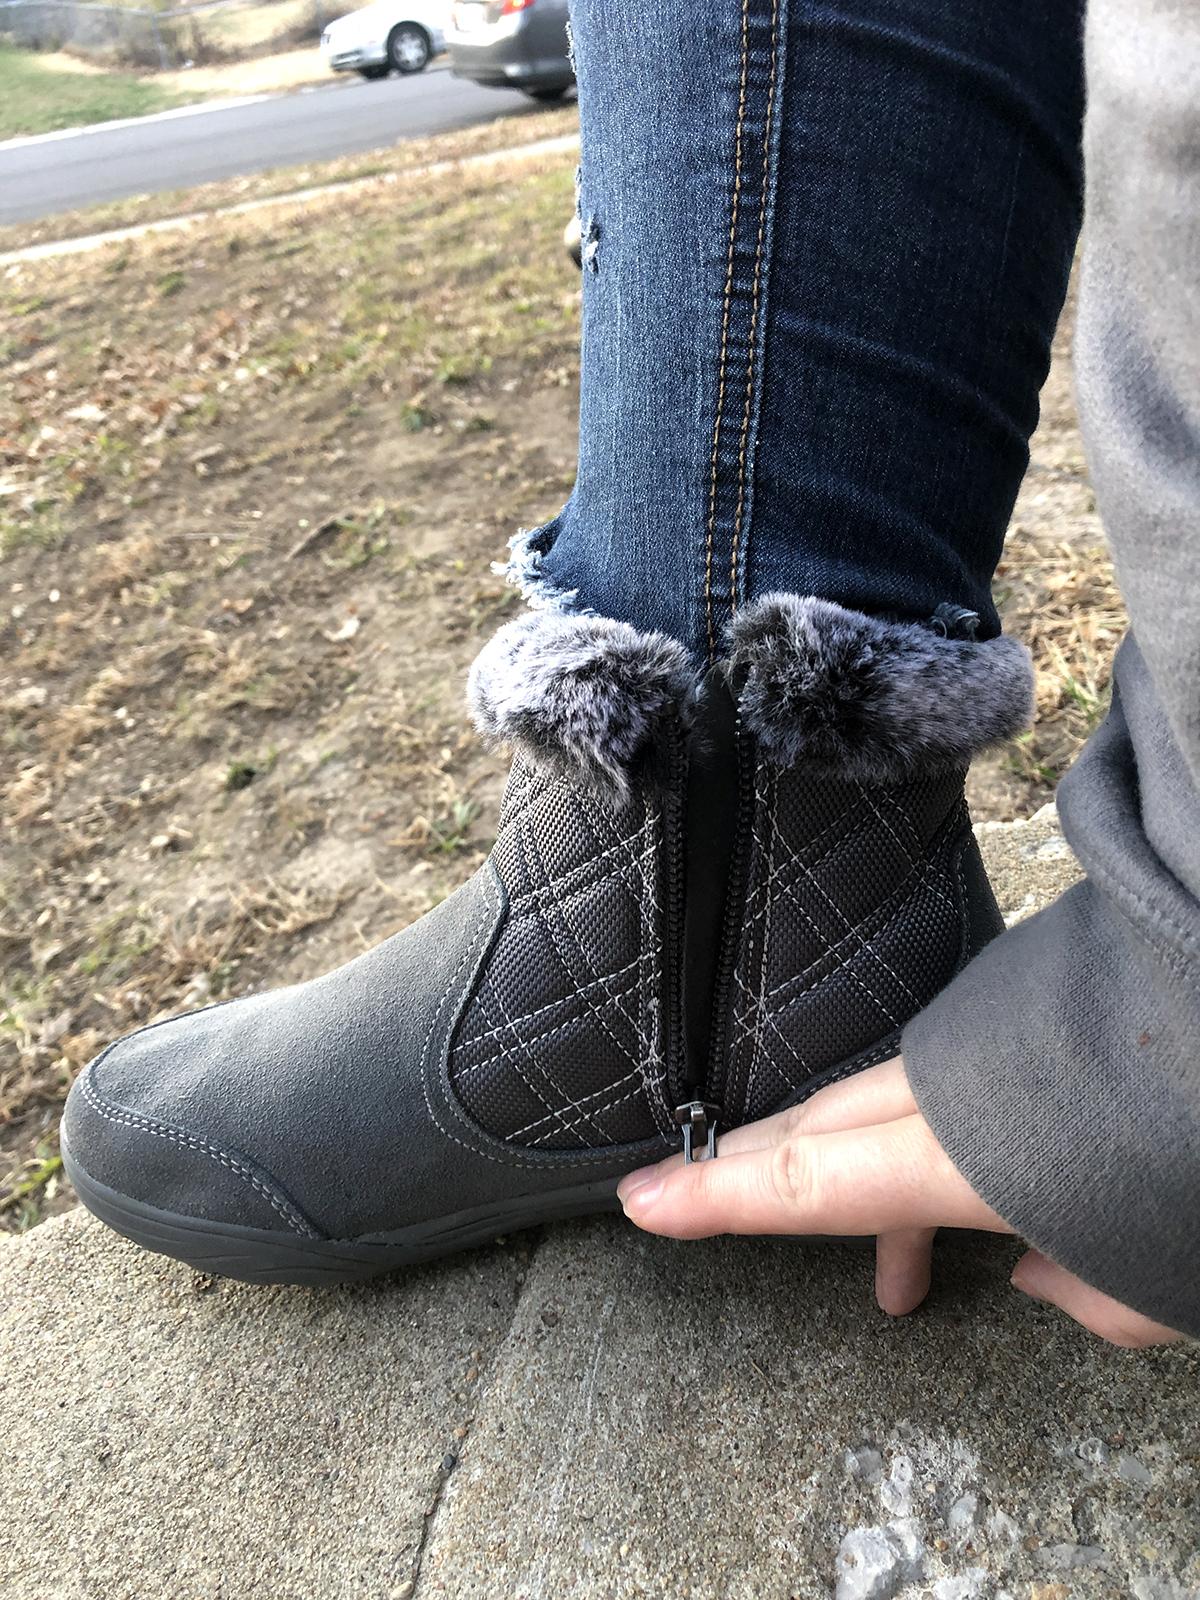 Custom Comfort in a Weatherproof Women's Boot